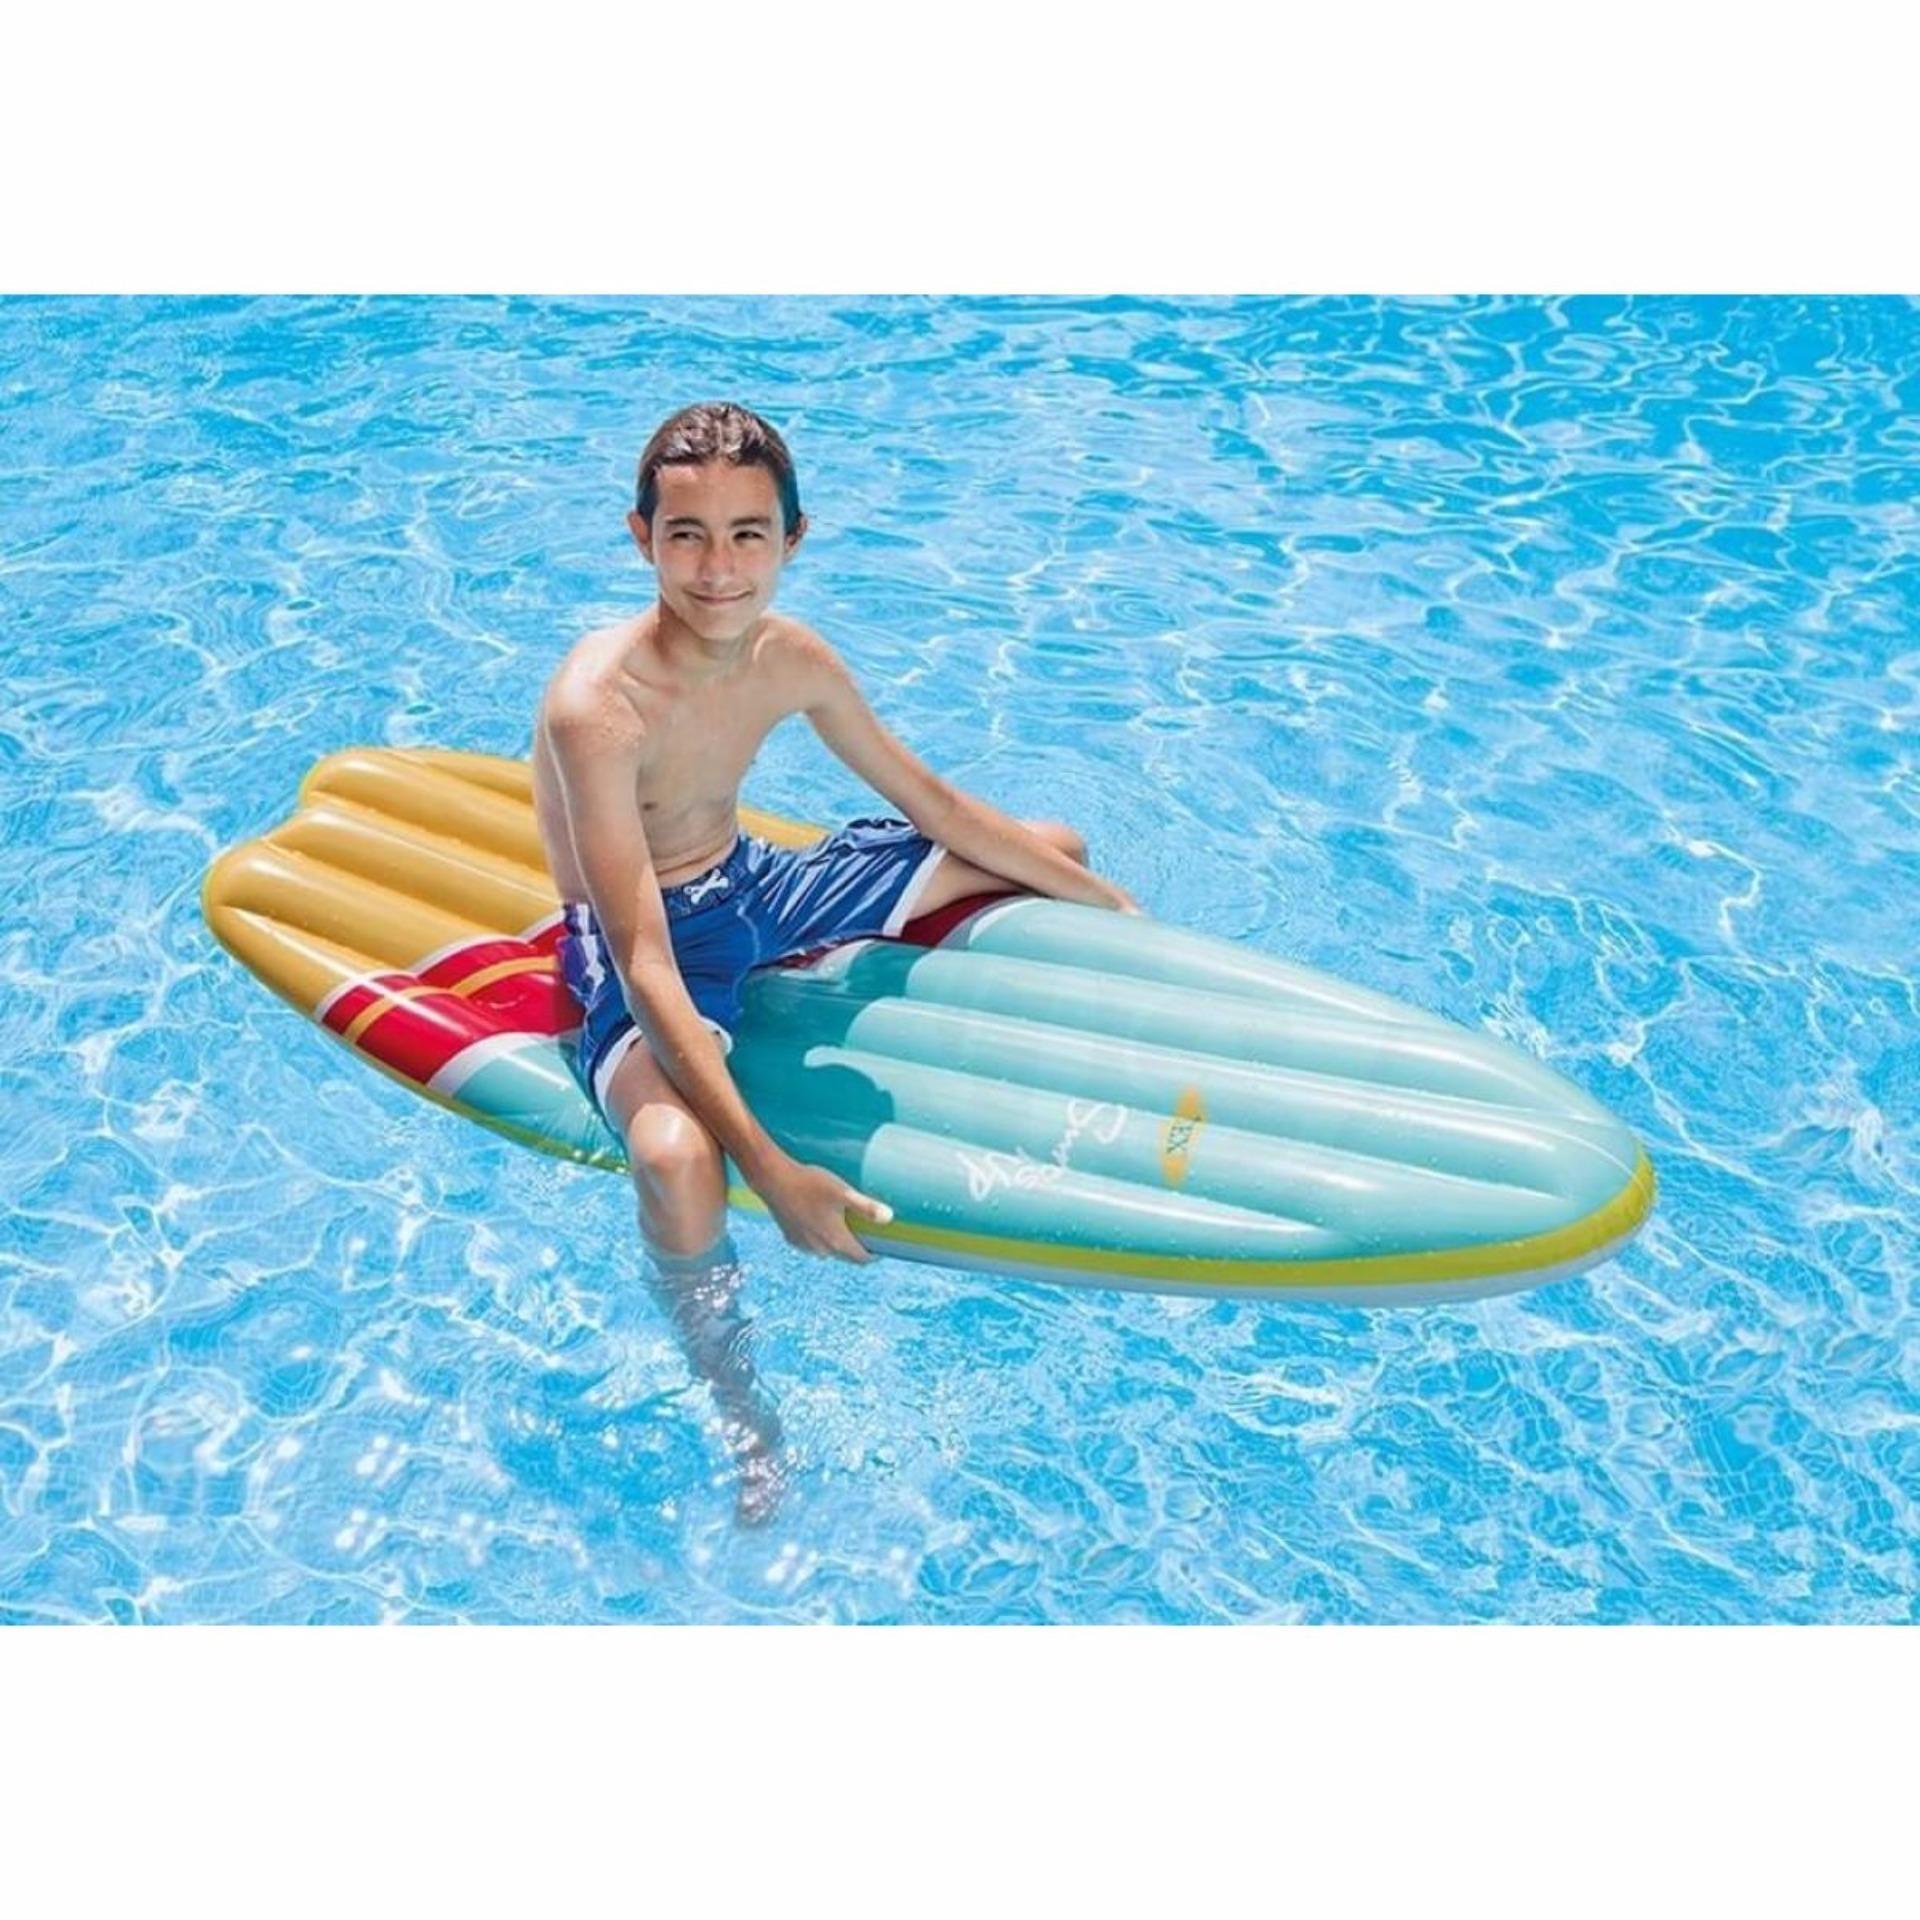 Pelacakan Harga Intex Surfboard Surf Up Mat Pool 2 Motif Papan Pelampung Anak Seluncur Pompa 58152